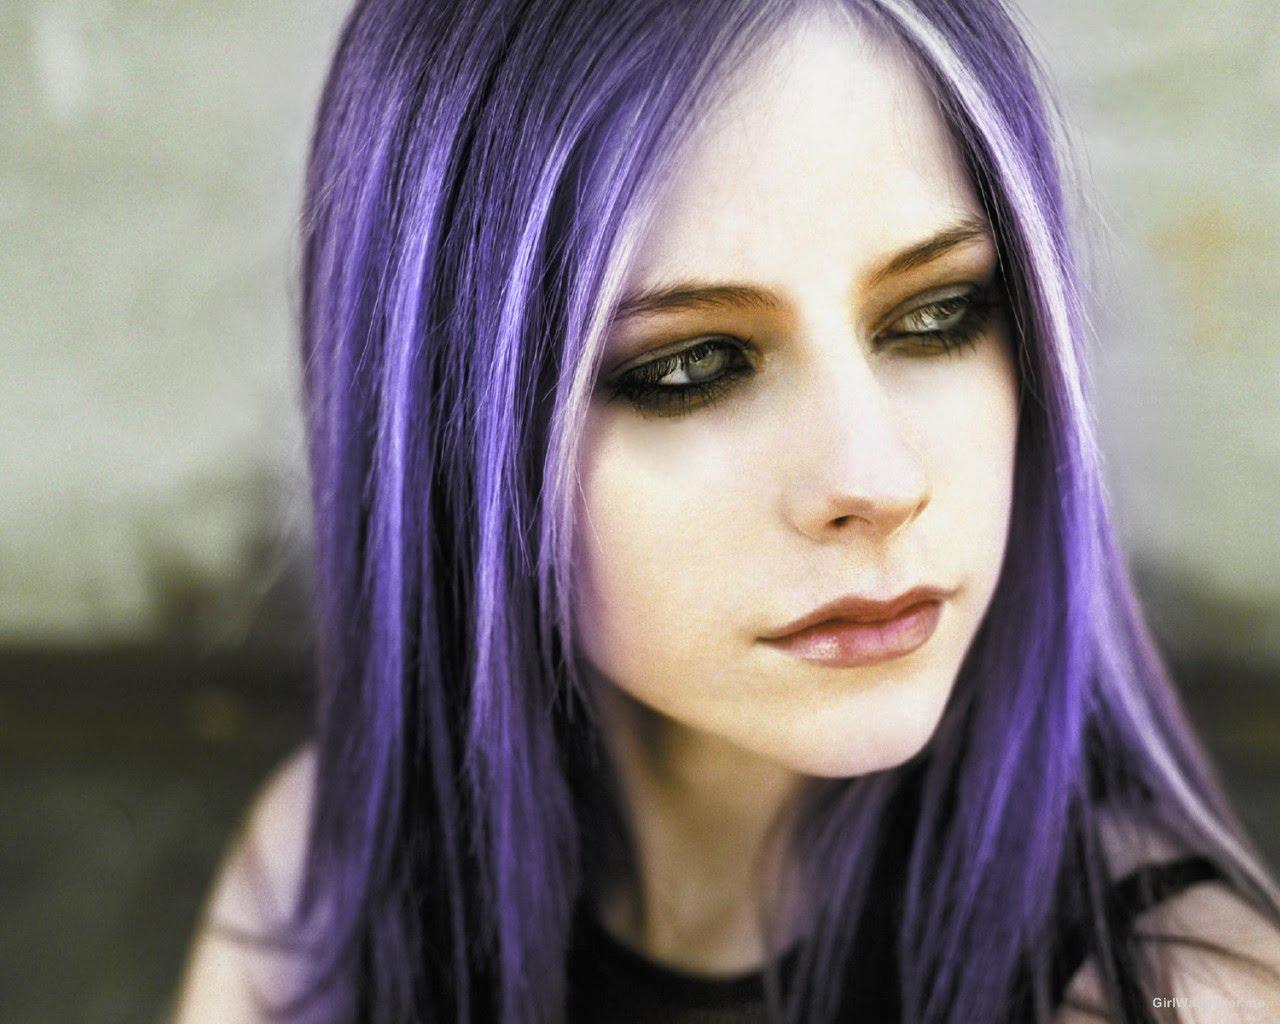 Avril-Lavigne-roxo copy